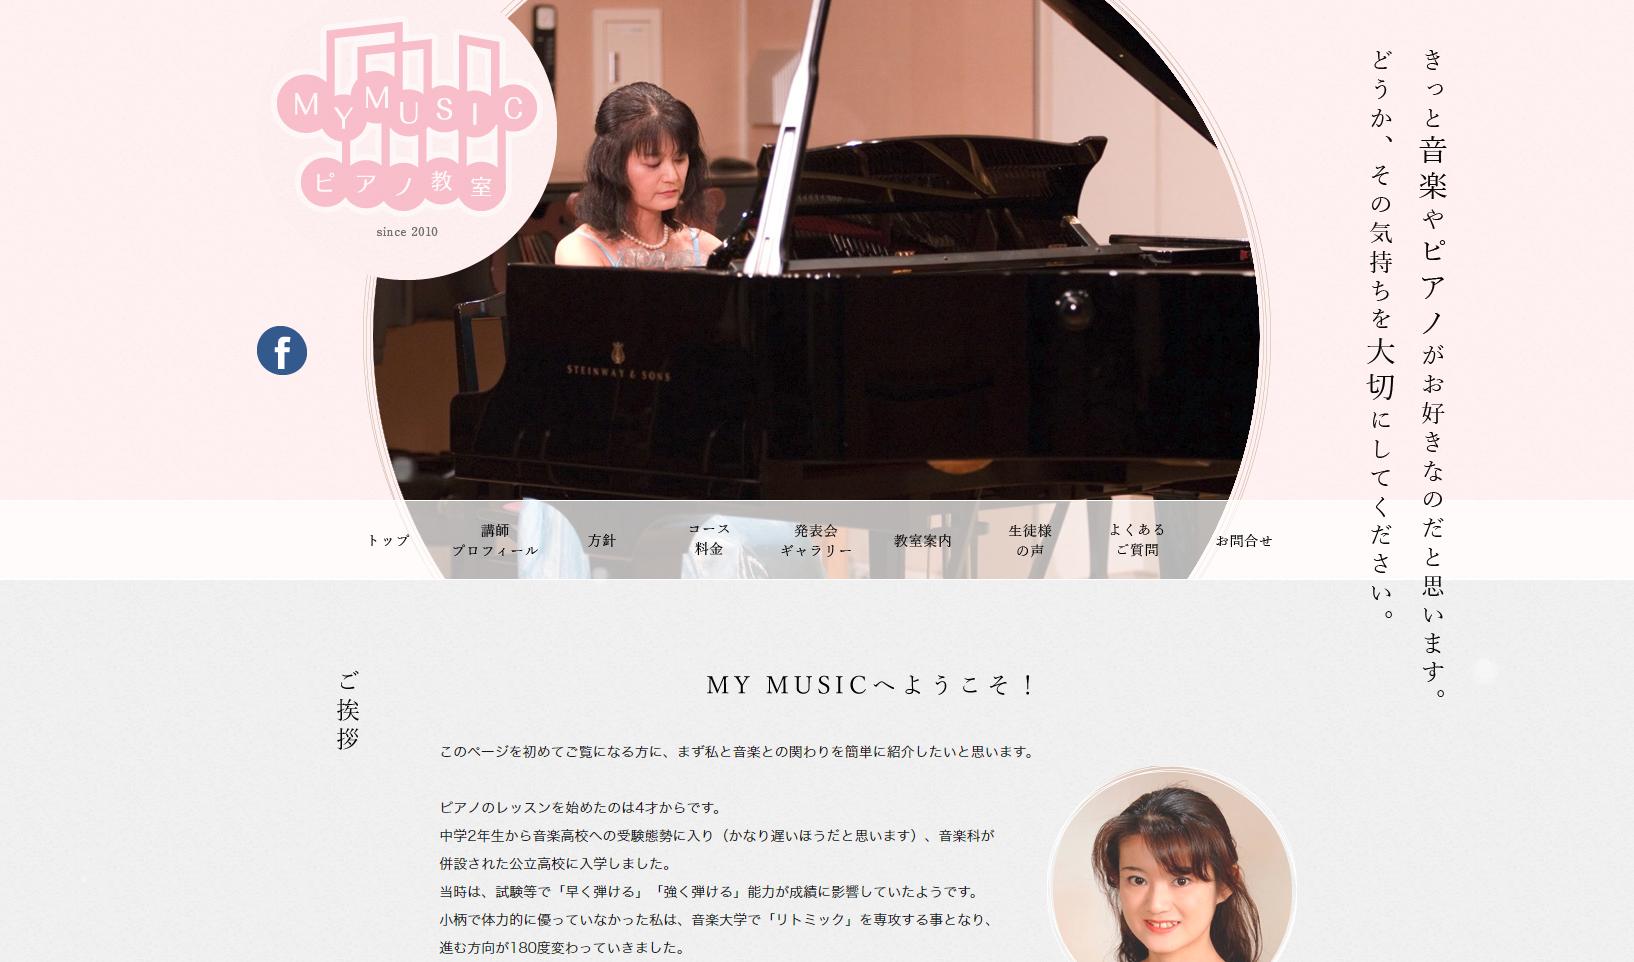 MY MUSIC ピアノ教室のサムネイル